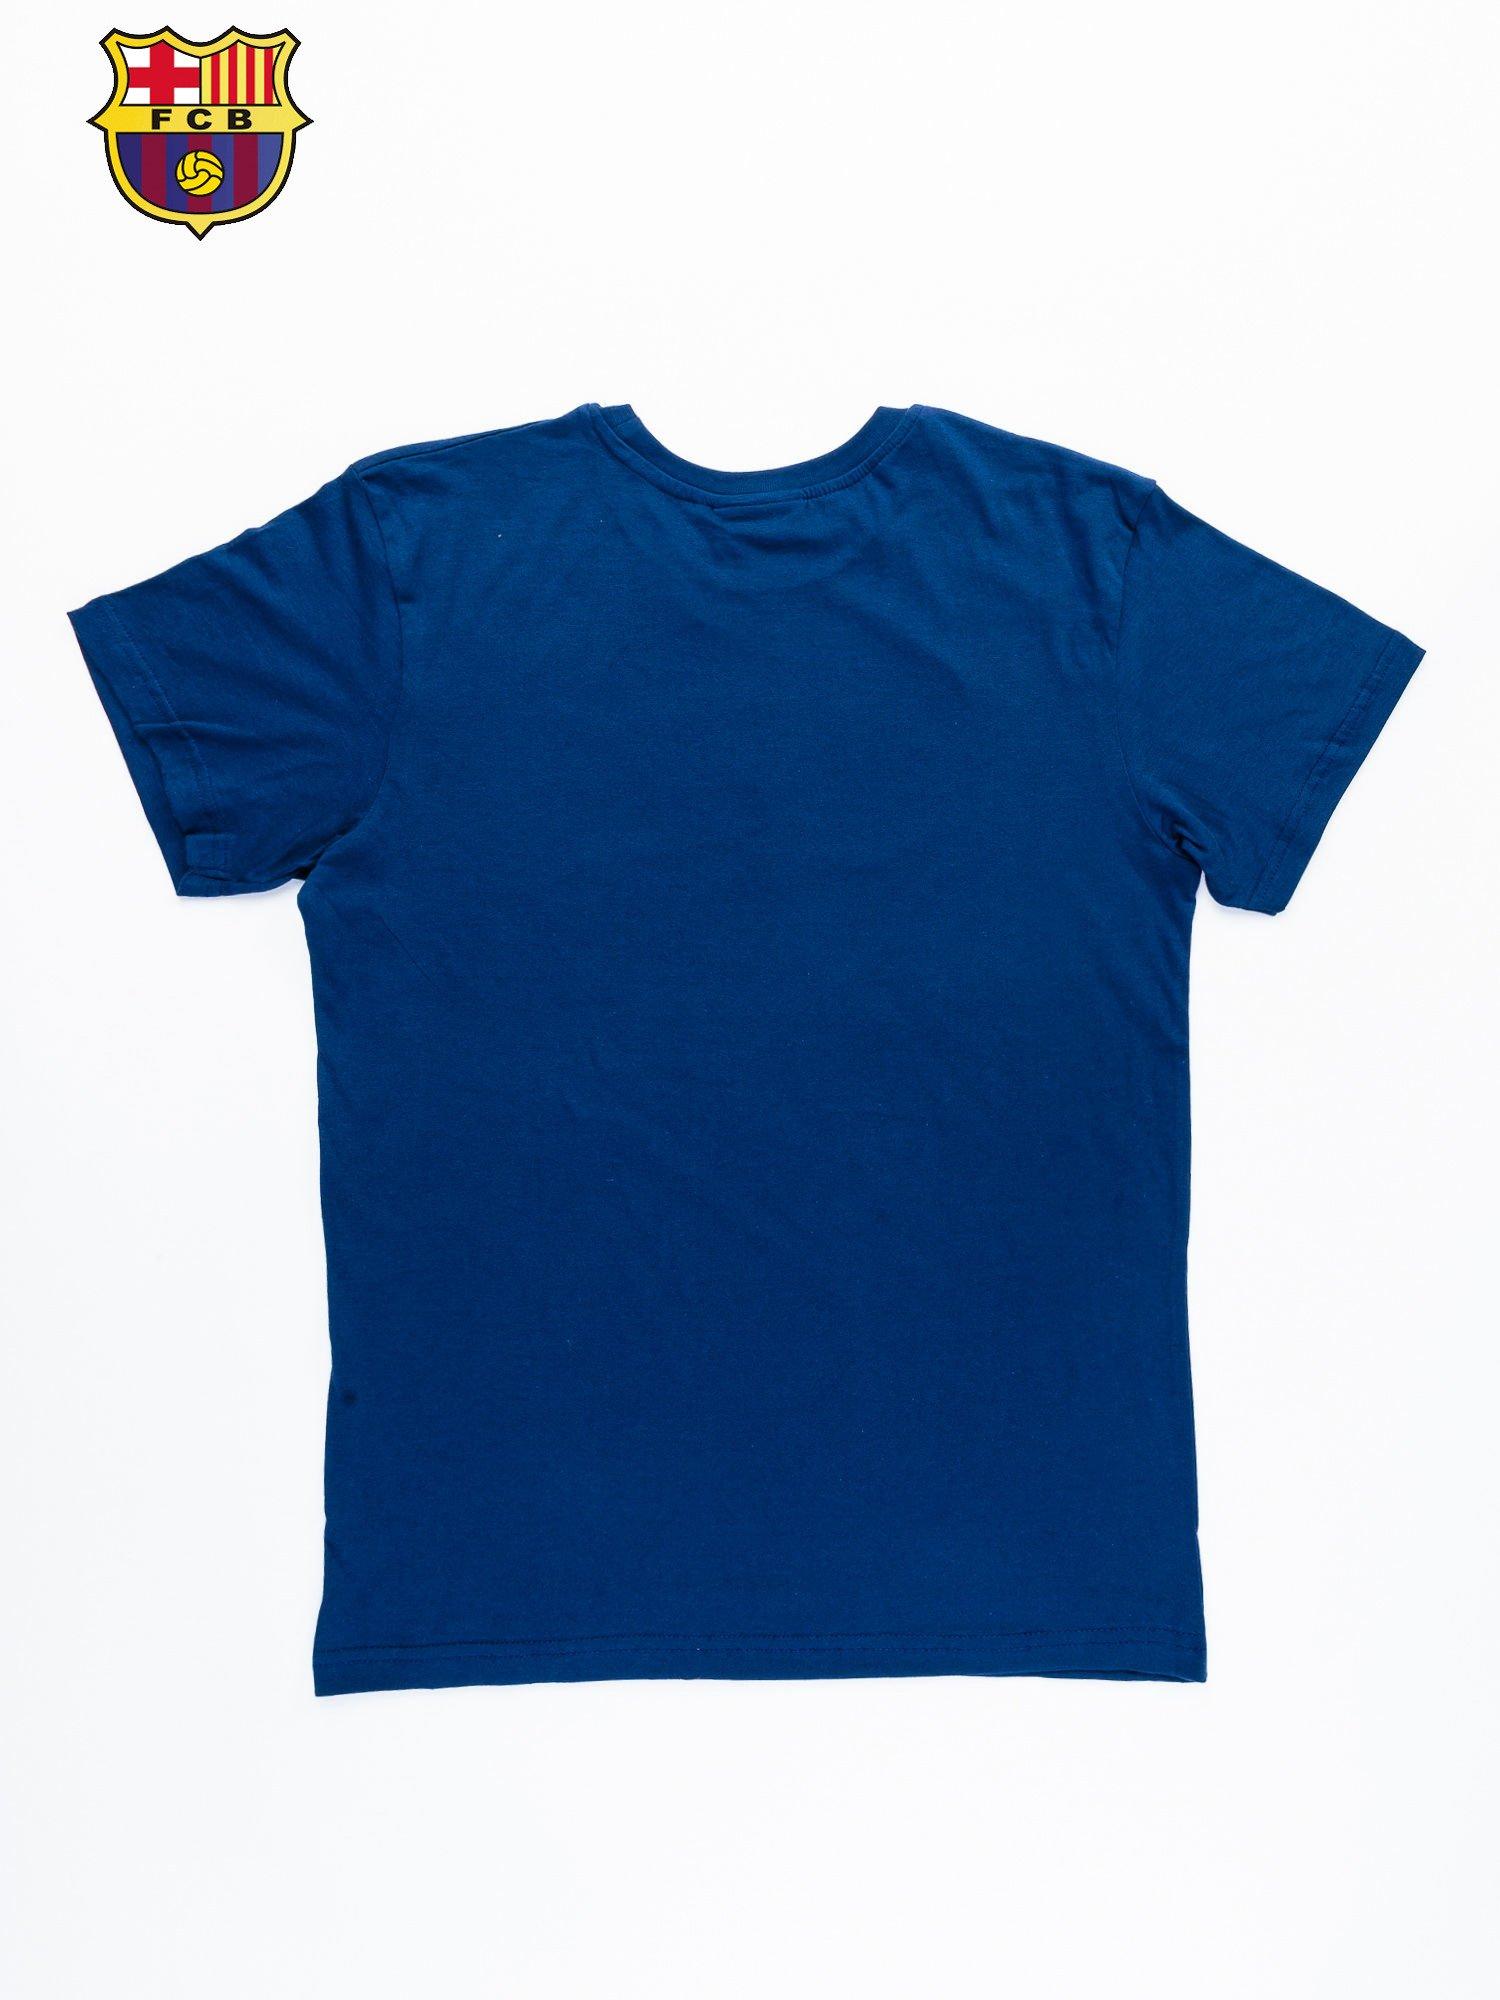 Granatowy t-shirt męski z nadrukiem FC BARCELONA                                  zdj.                                  10